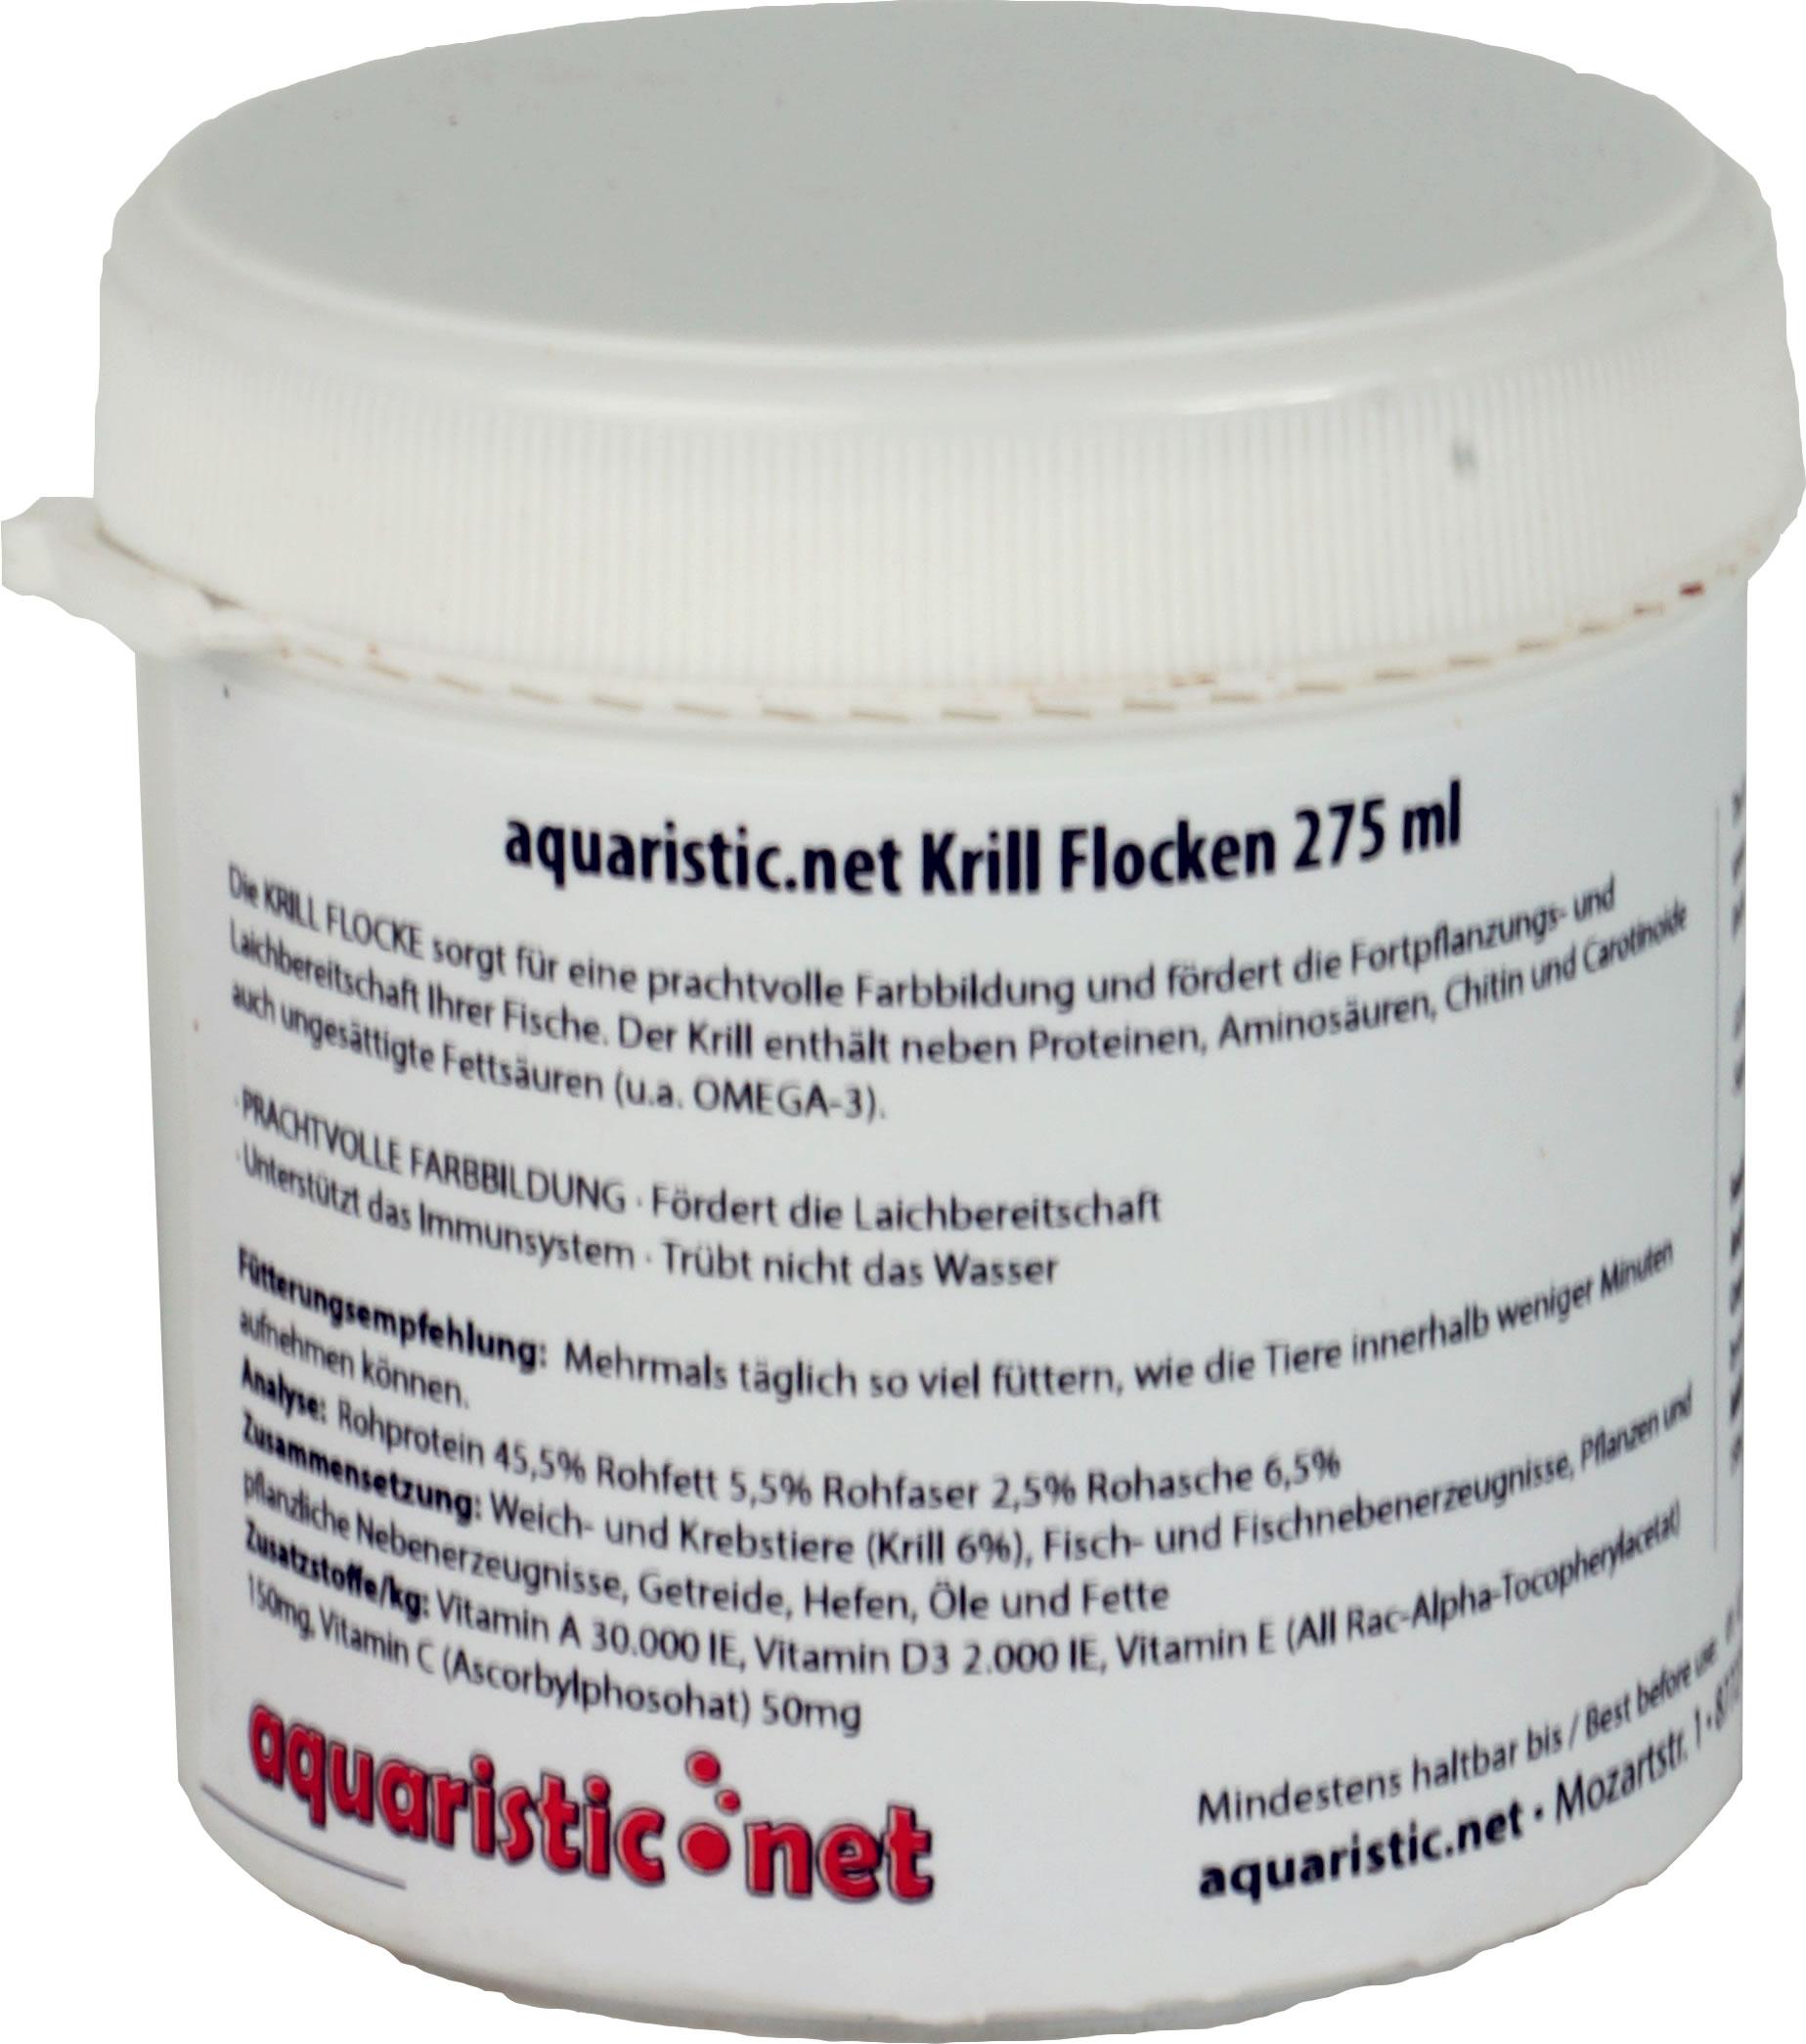 aquaristic.net Krill Flocken